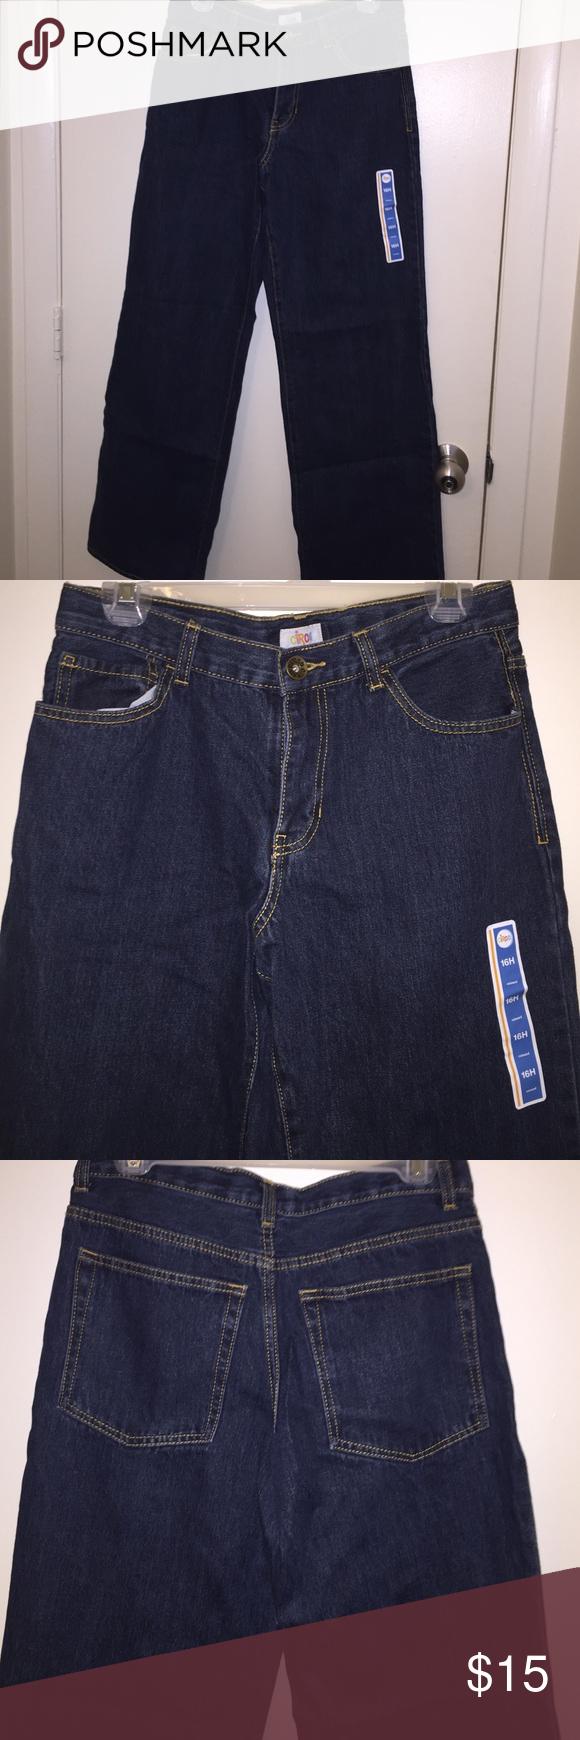 Denim blue jeans Blue denim jeans Circo Bottoms Jeans